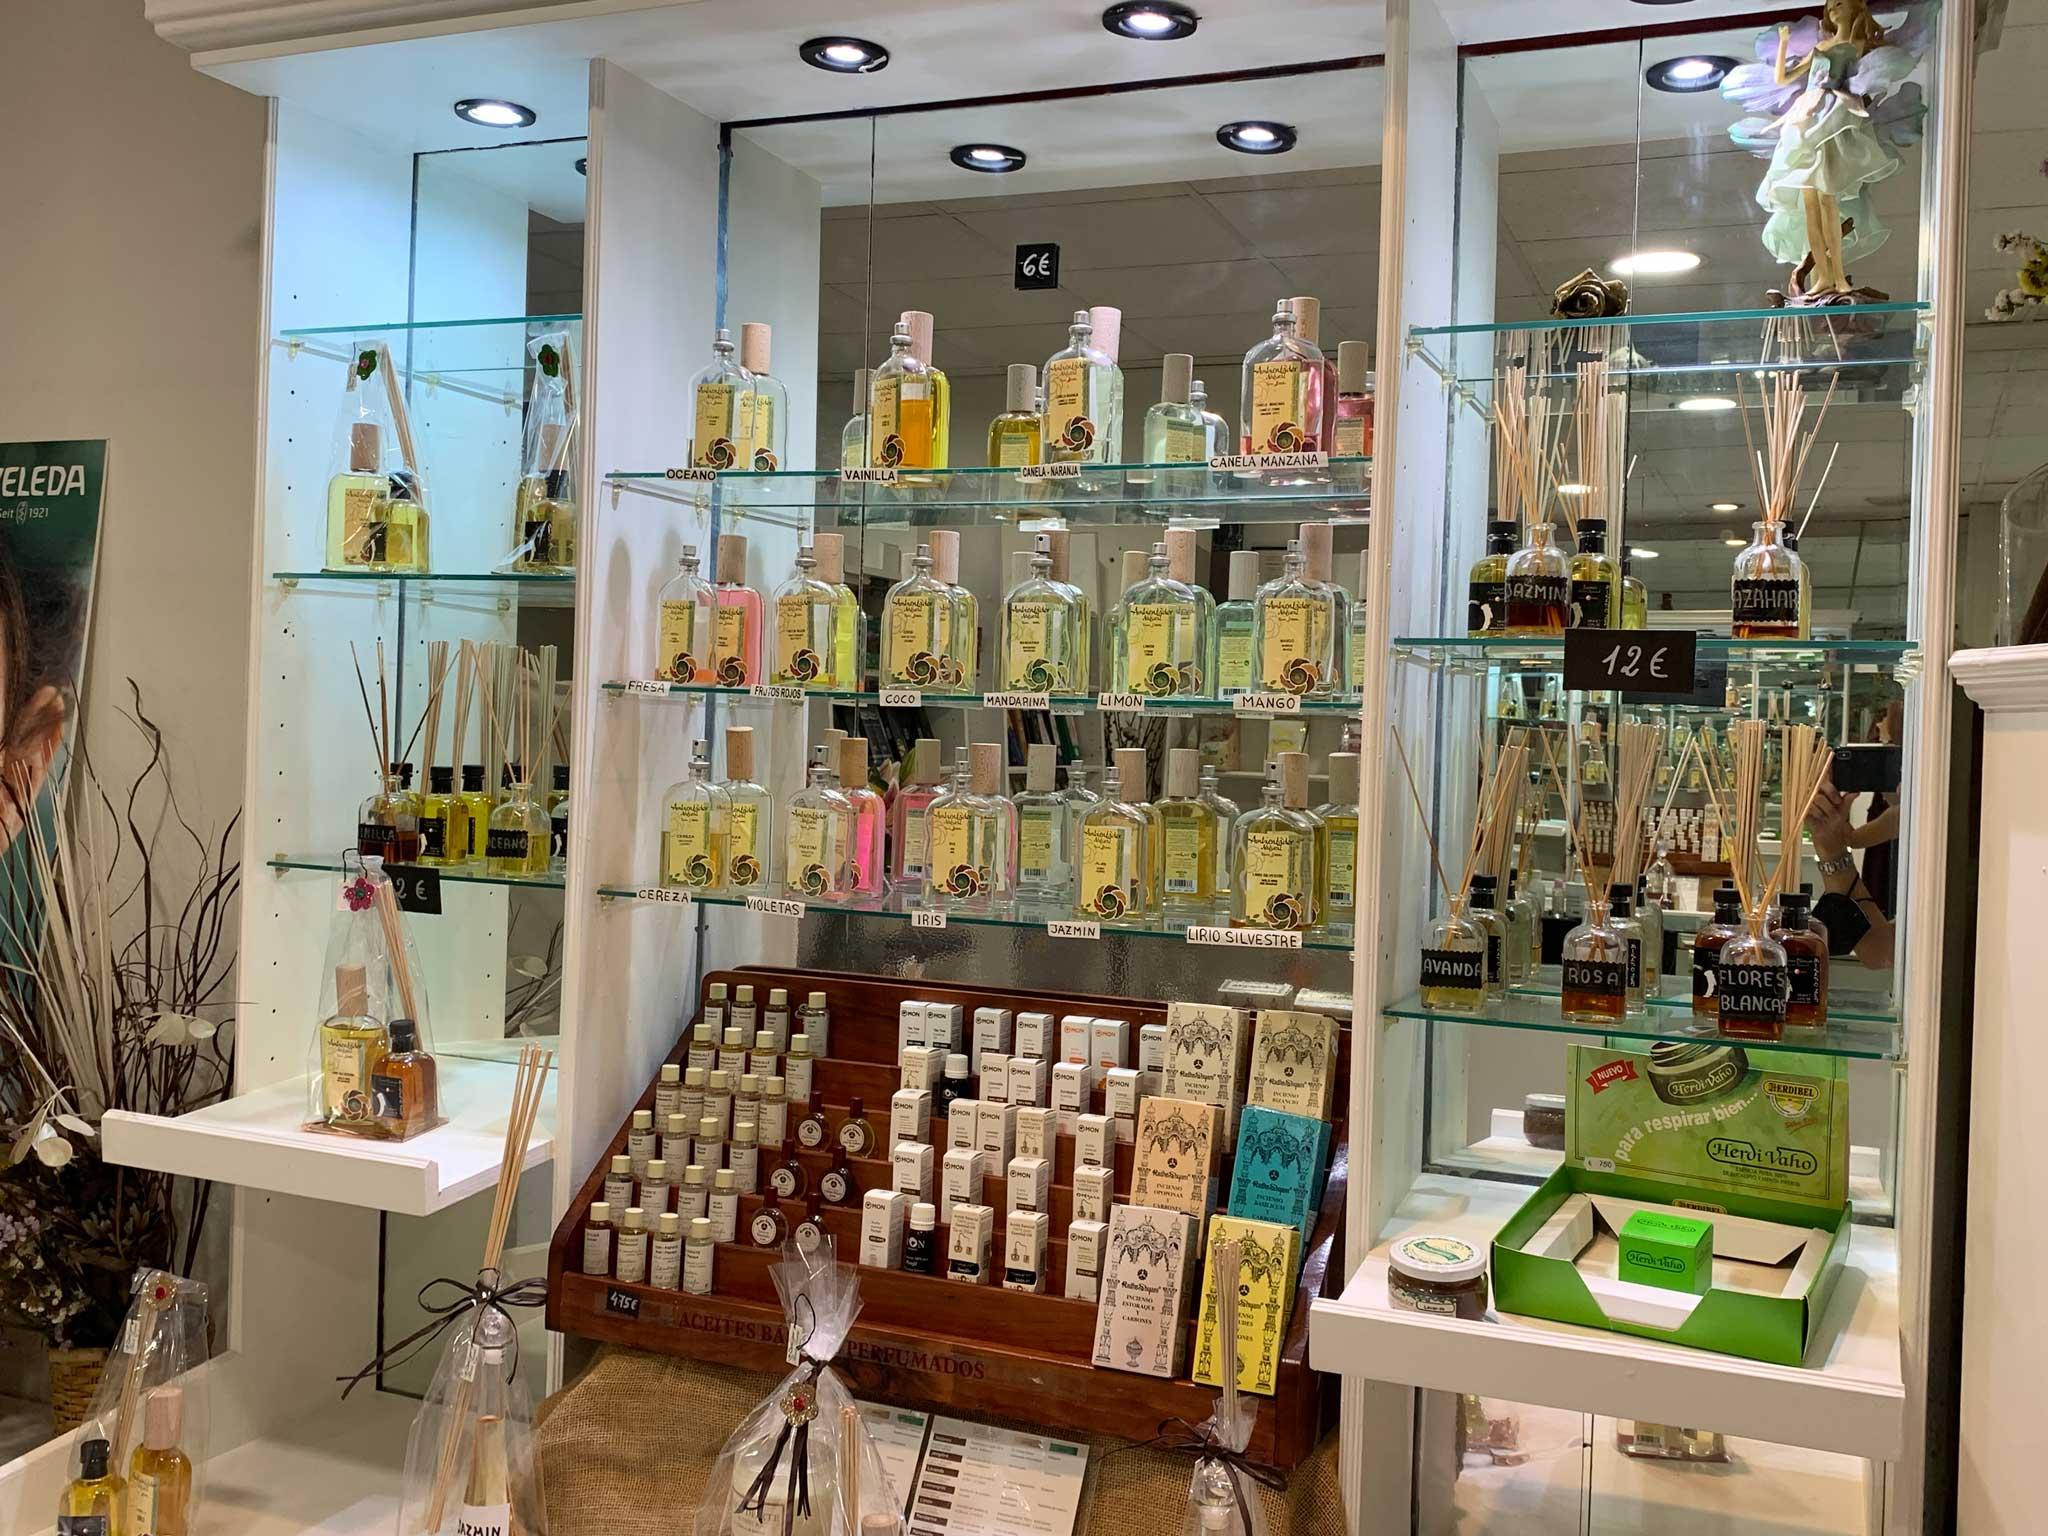 Tienda de cosmetica natural – El Rincon de Lulu